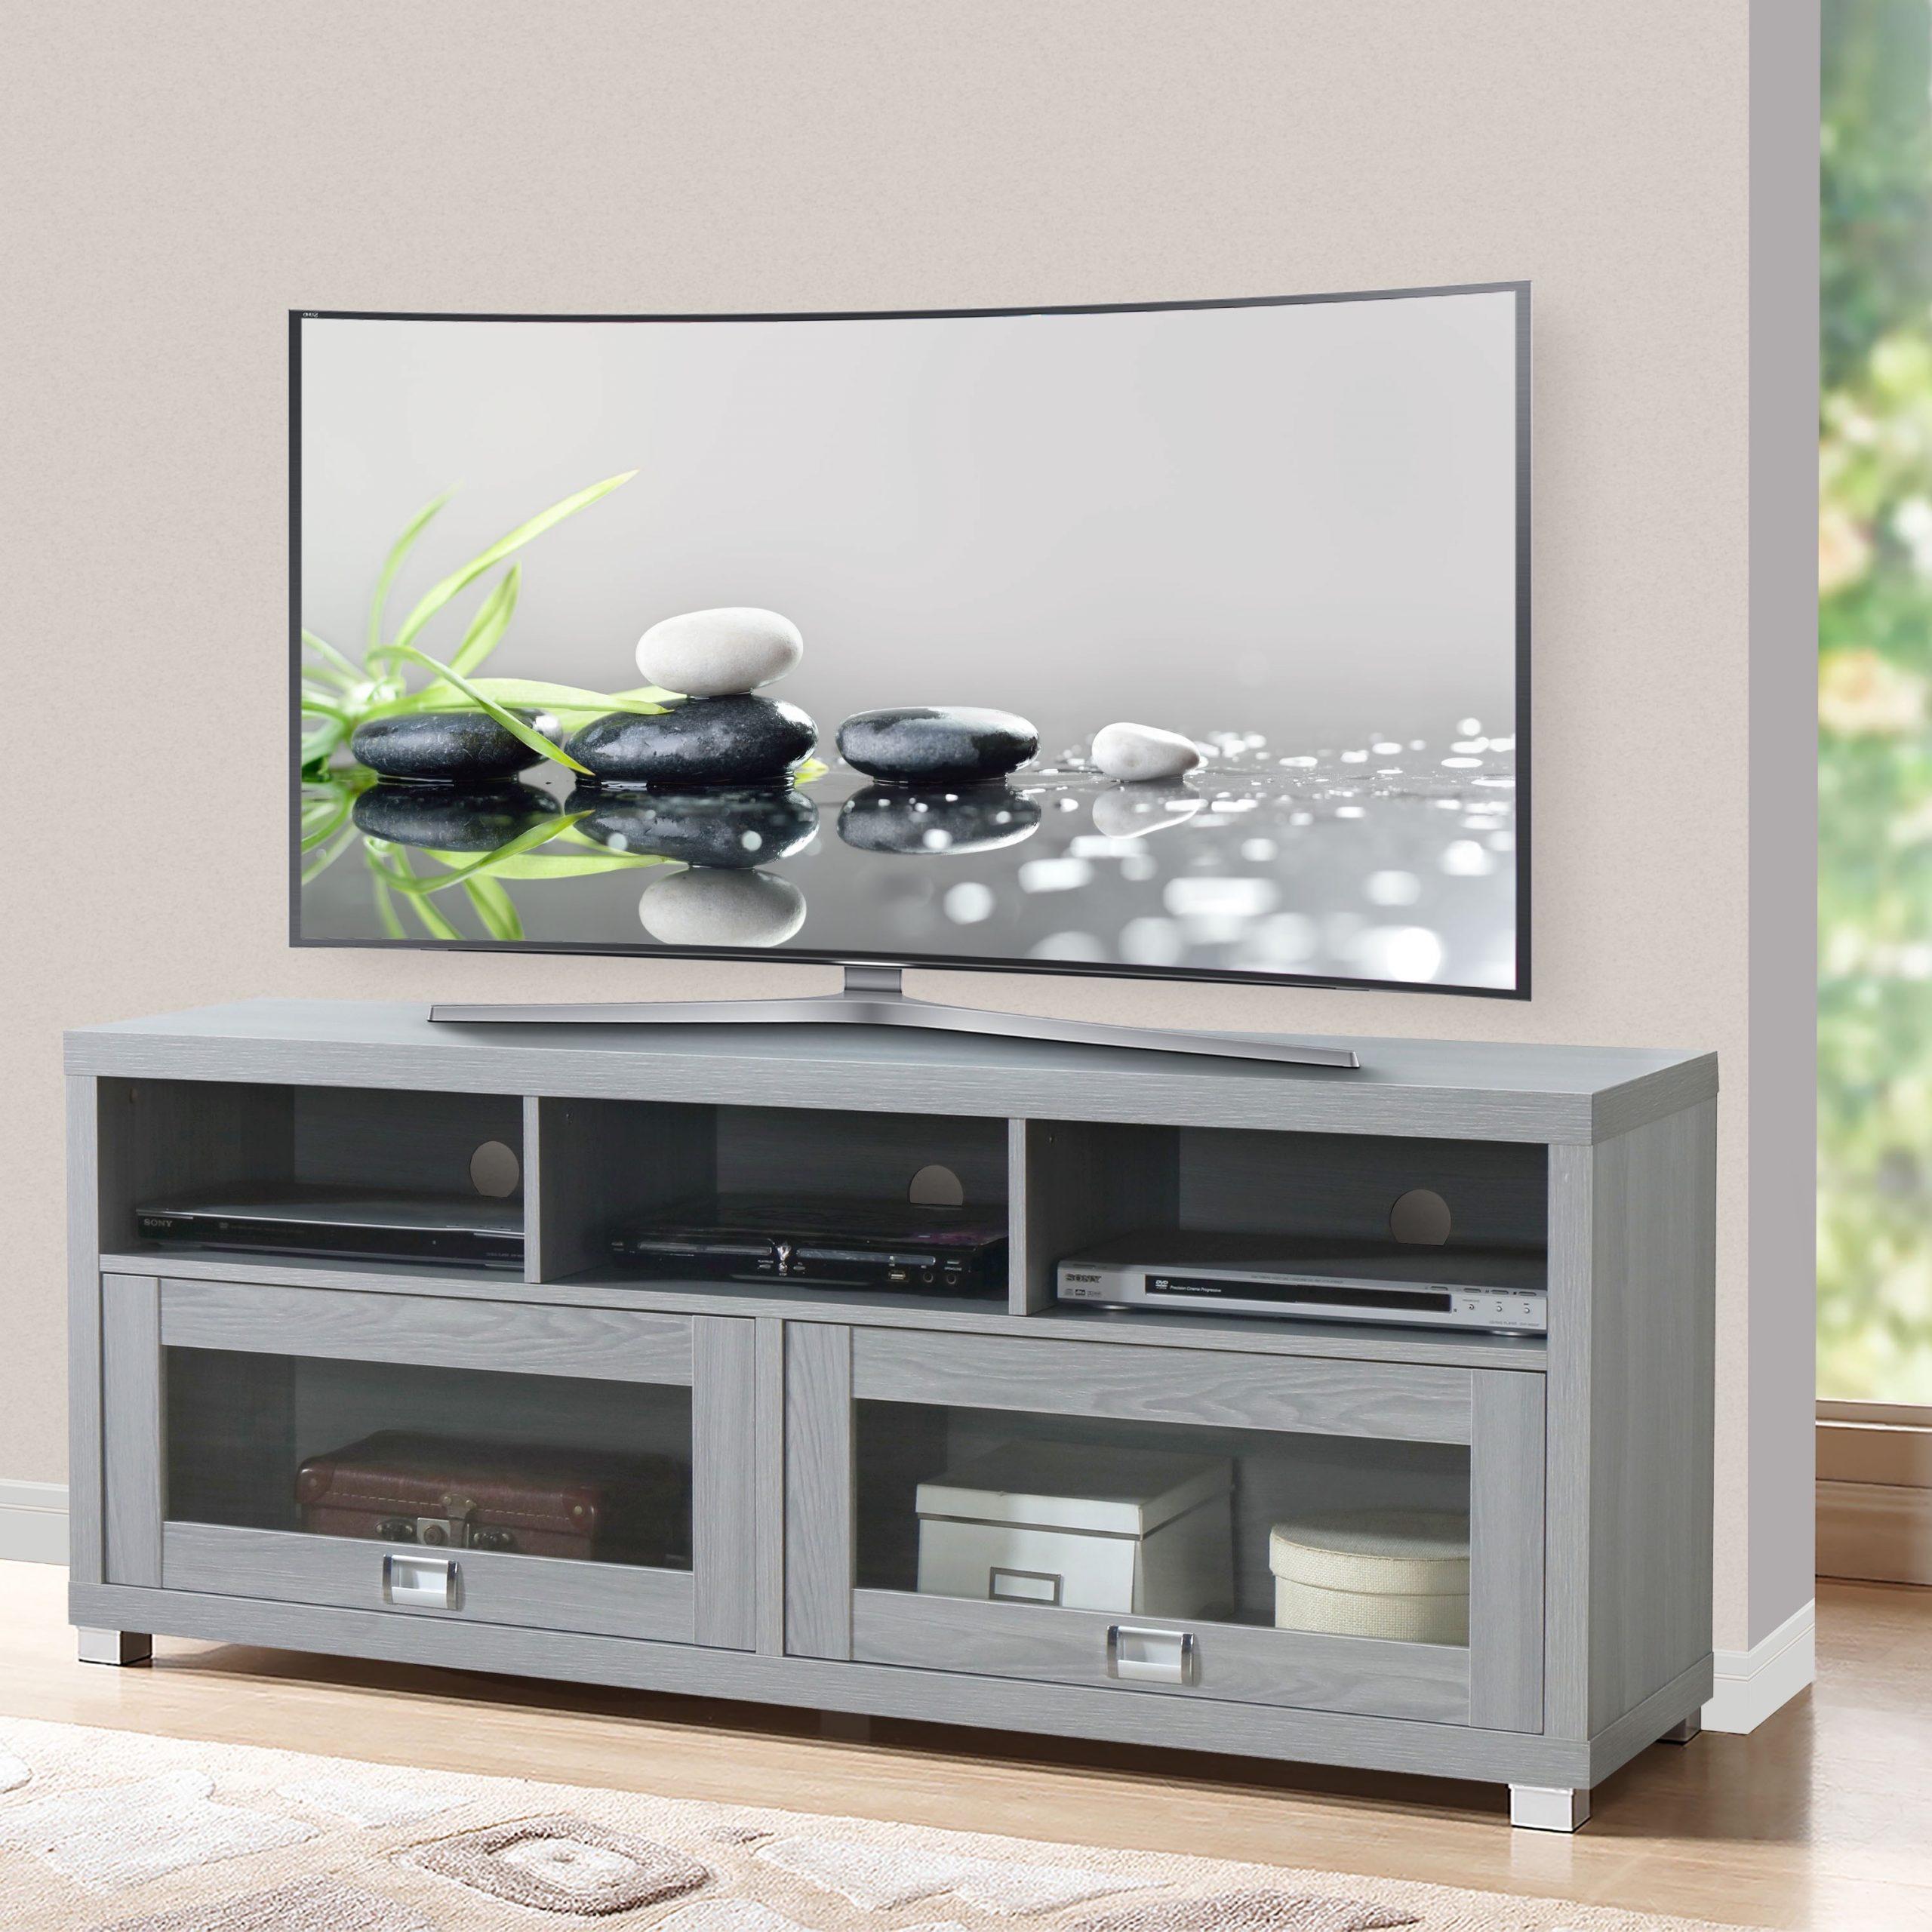 Contemporary Techni Mobili Durbin Tv Stands (View 6 of 7)